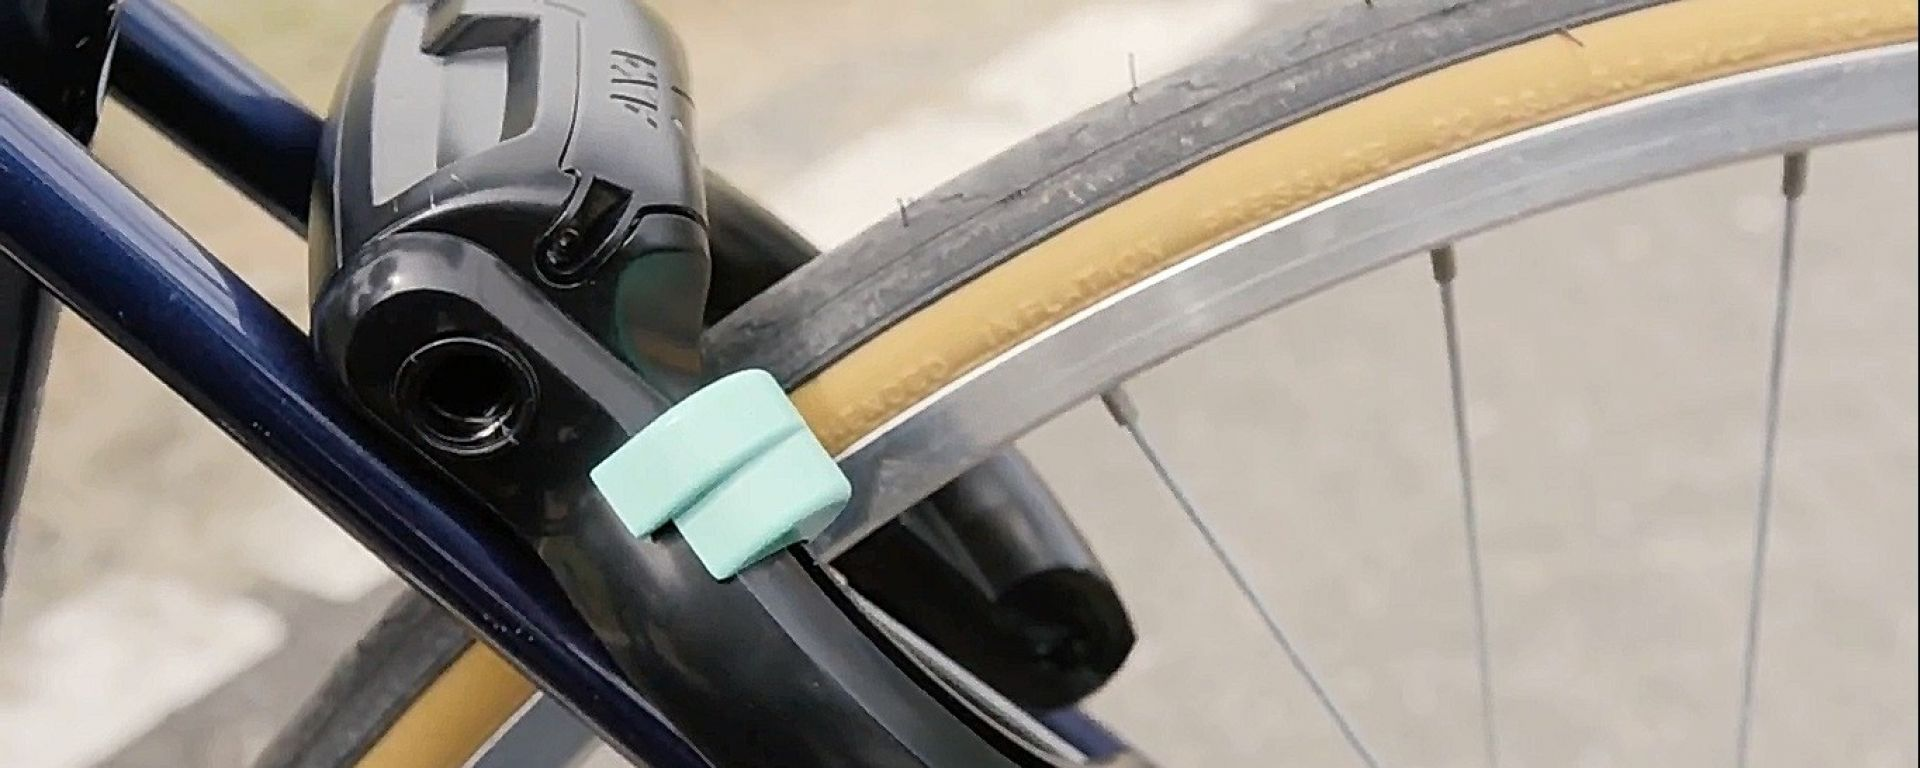 KPN Smart Lock: il lucchetto della bici spegne lo smartphone